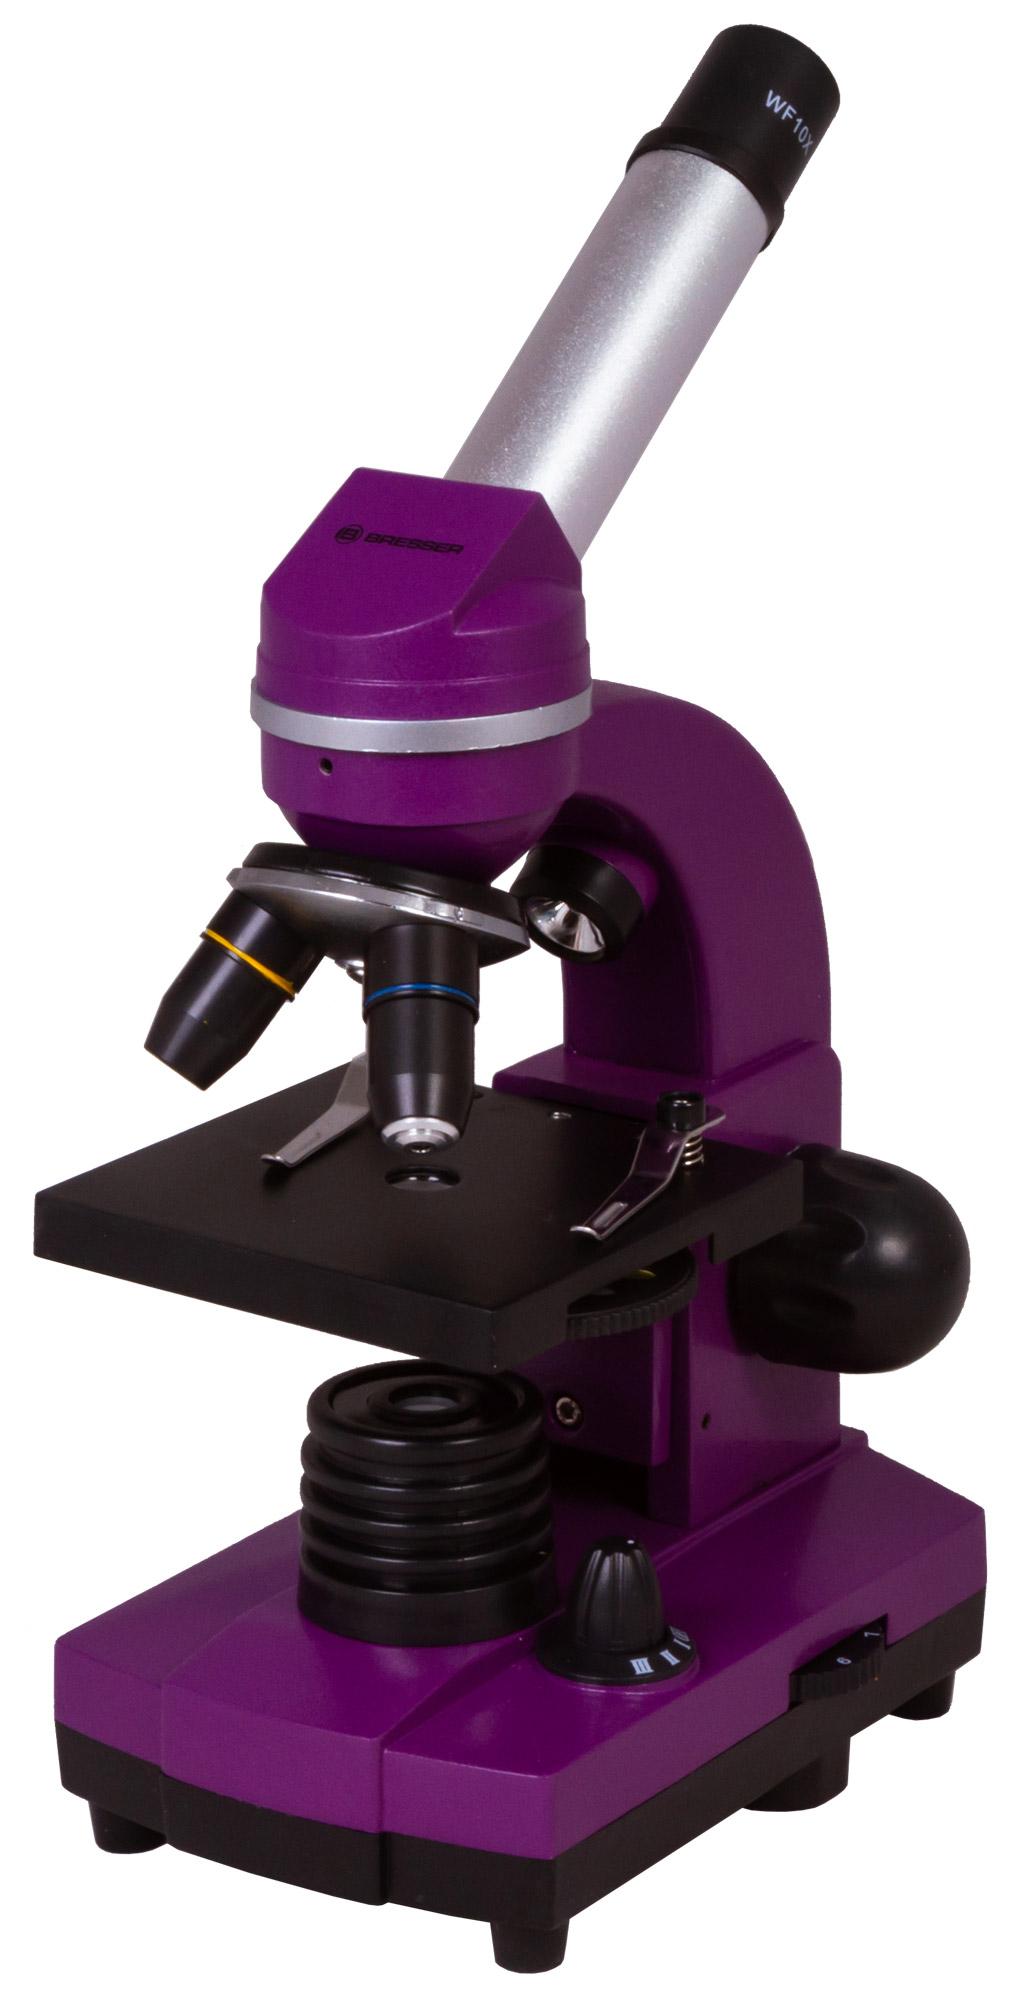 Картинка для Микроскоп Bresser (Брессер) Junior Biolux SEL 40–1600x, фиолетовый